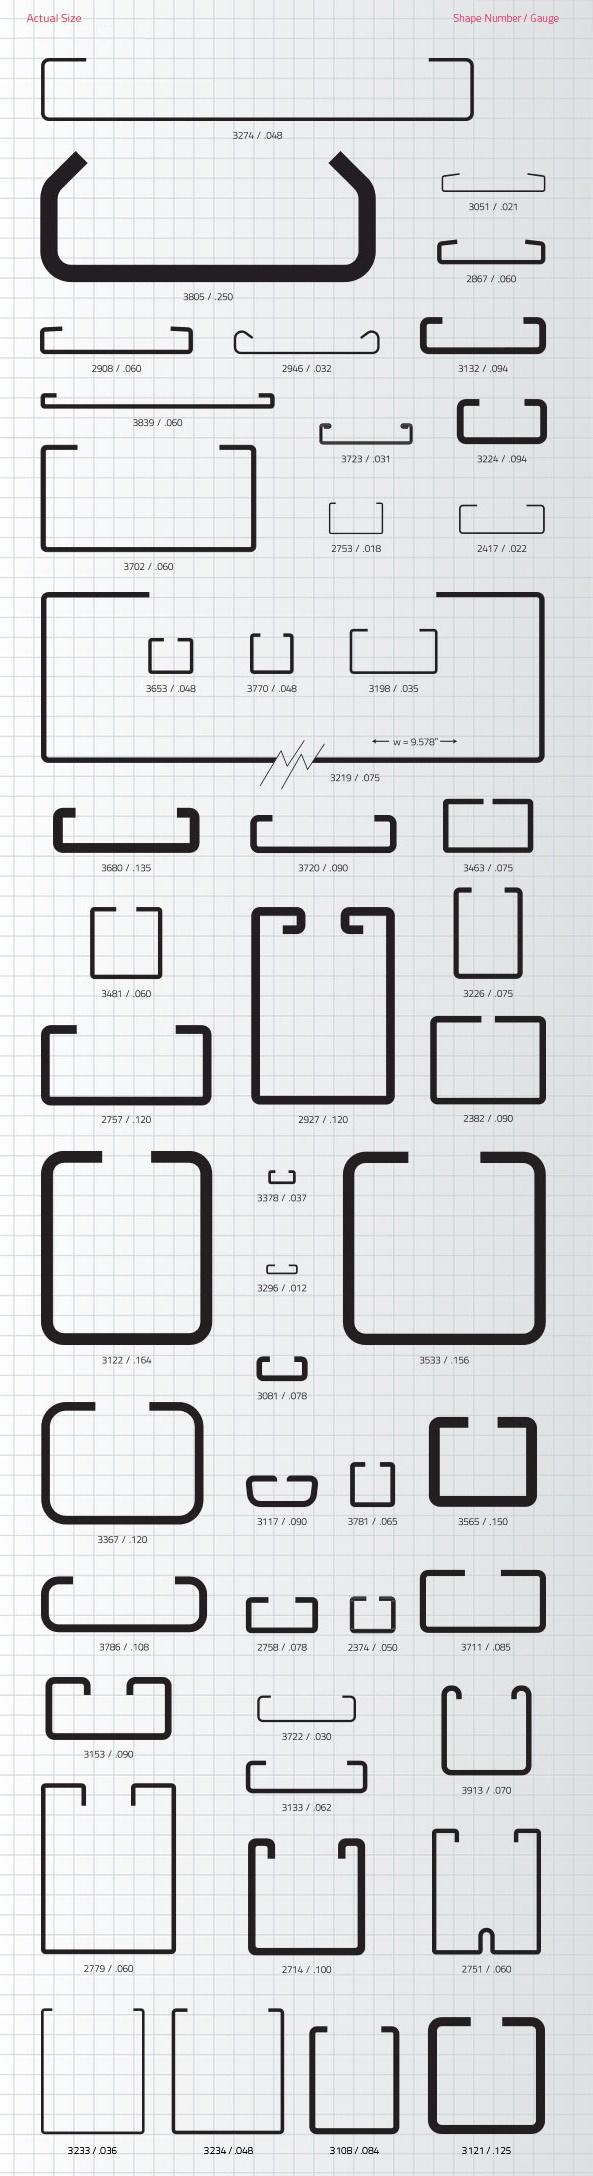 boxchannelsimg-20.jpg